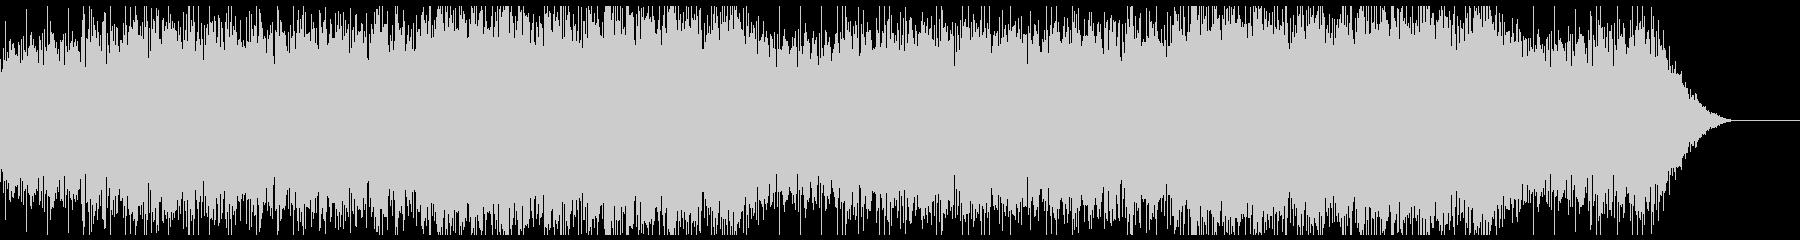 ハープとピアノの幻想的なBGM 水音ありの未再生の波形